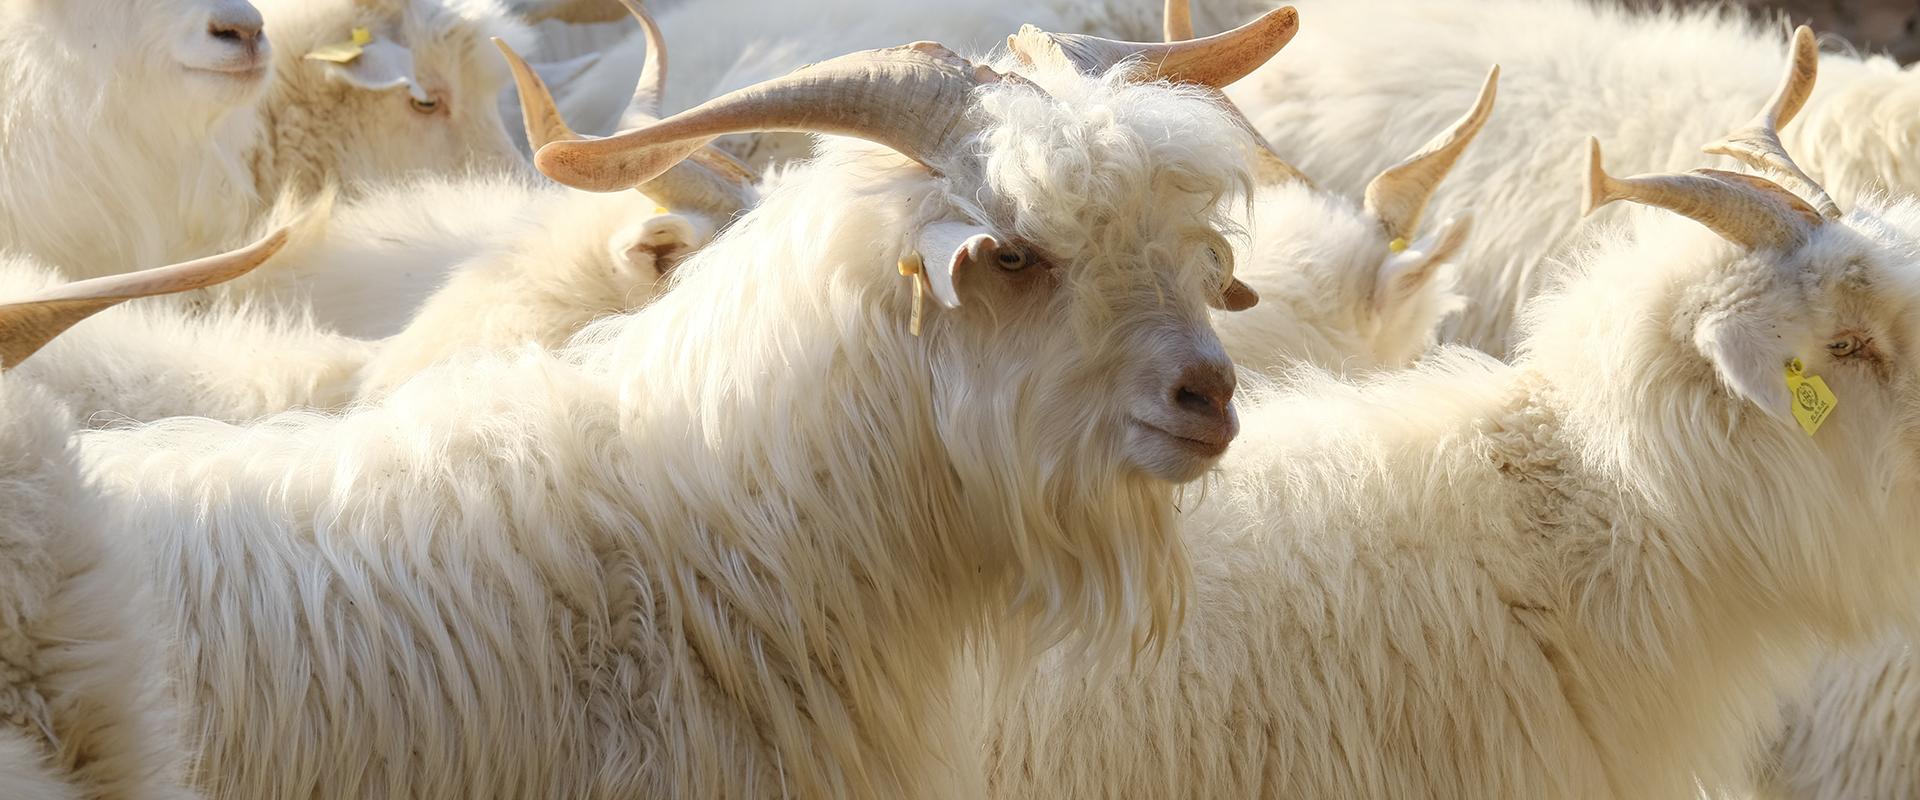 ftc-cashmere_about_lines_goatfarm